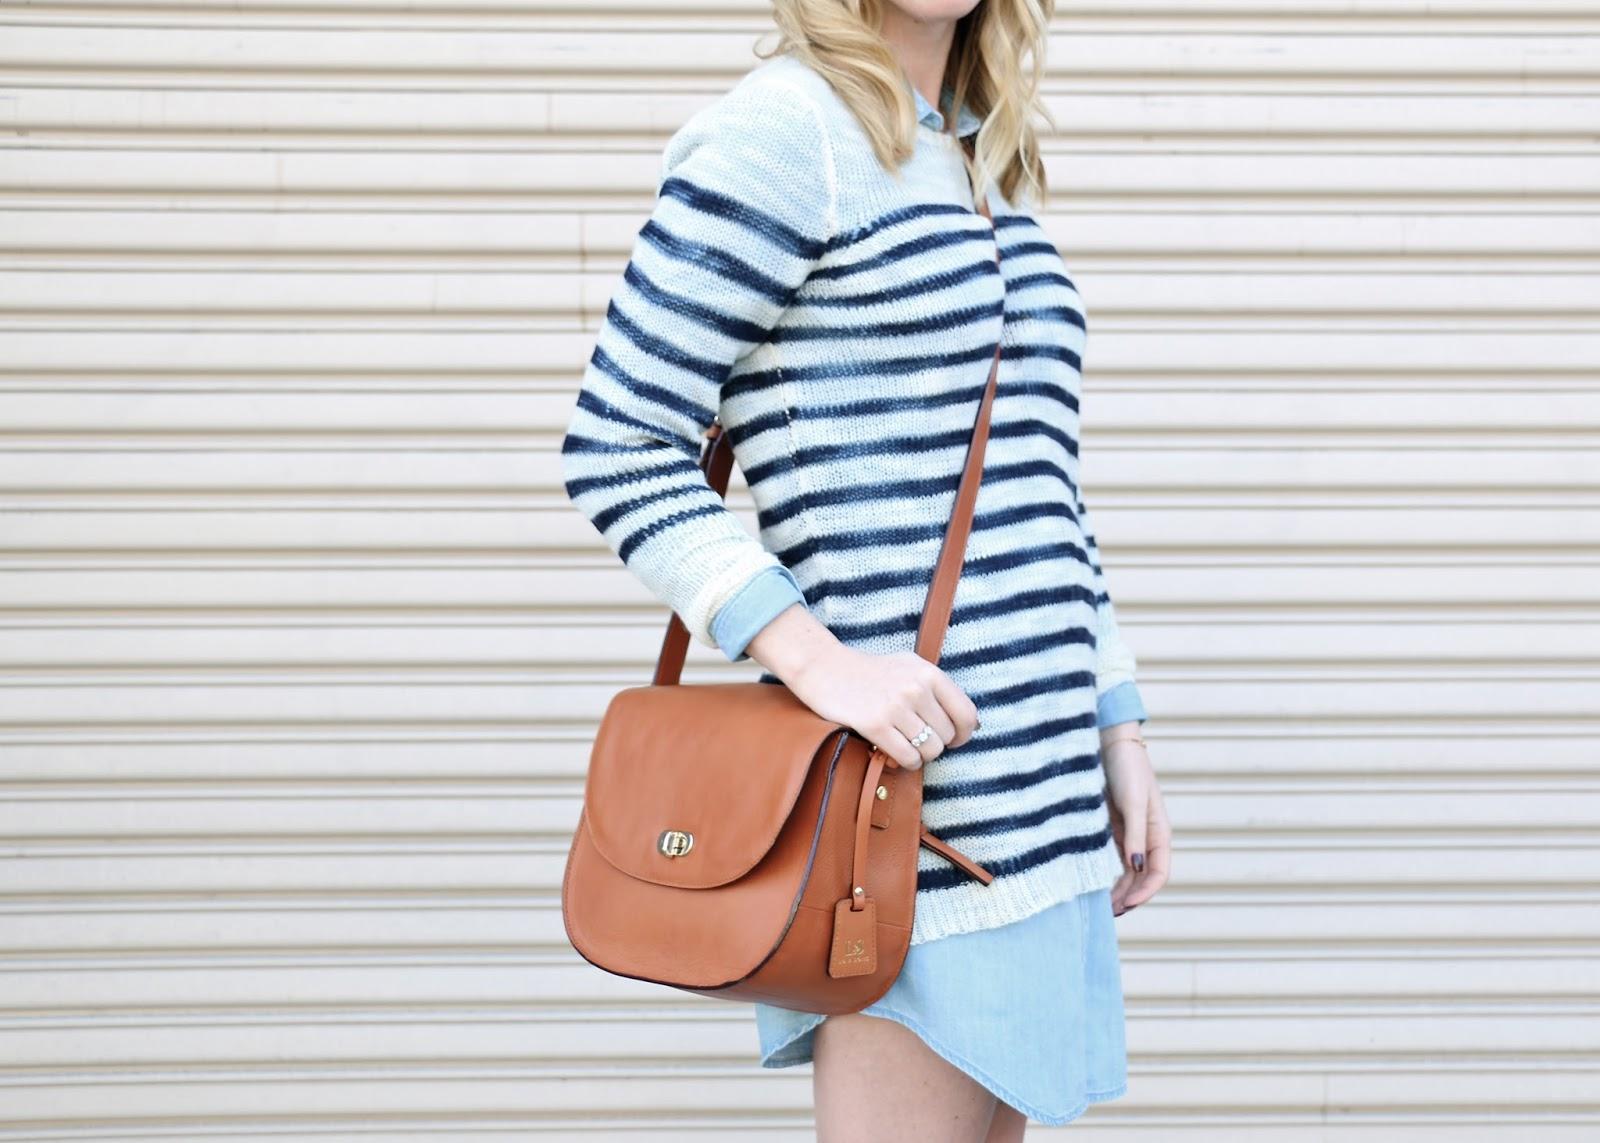 jcrew open knit sweater in stripe